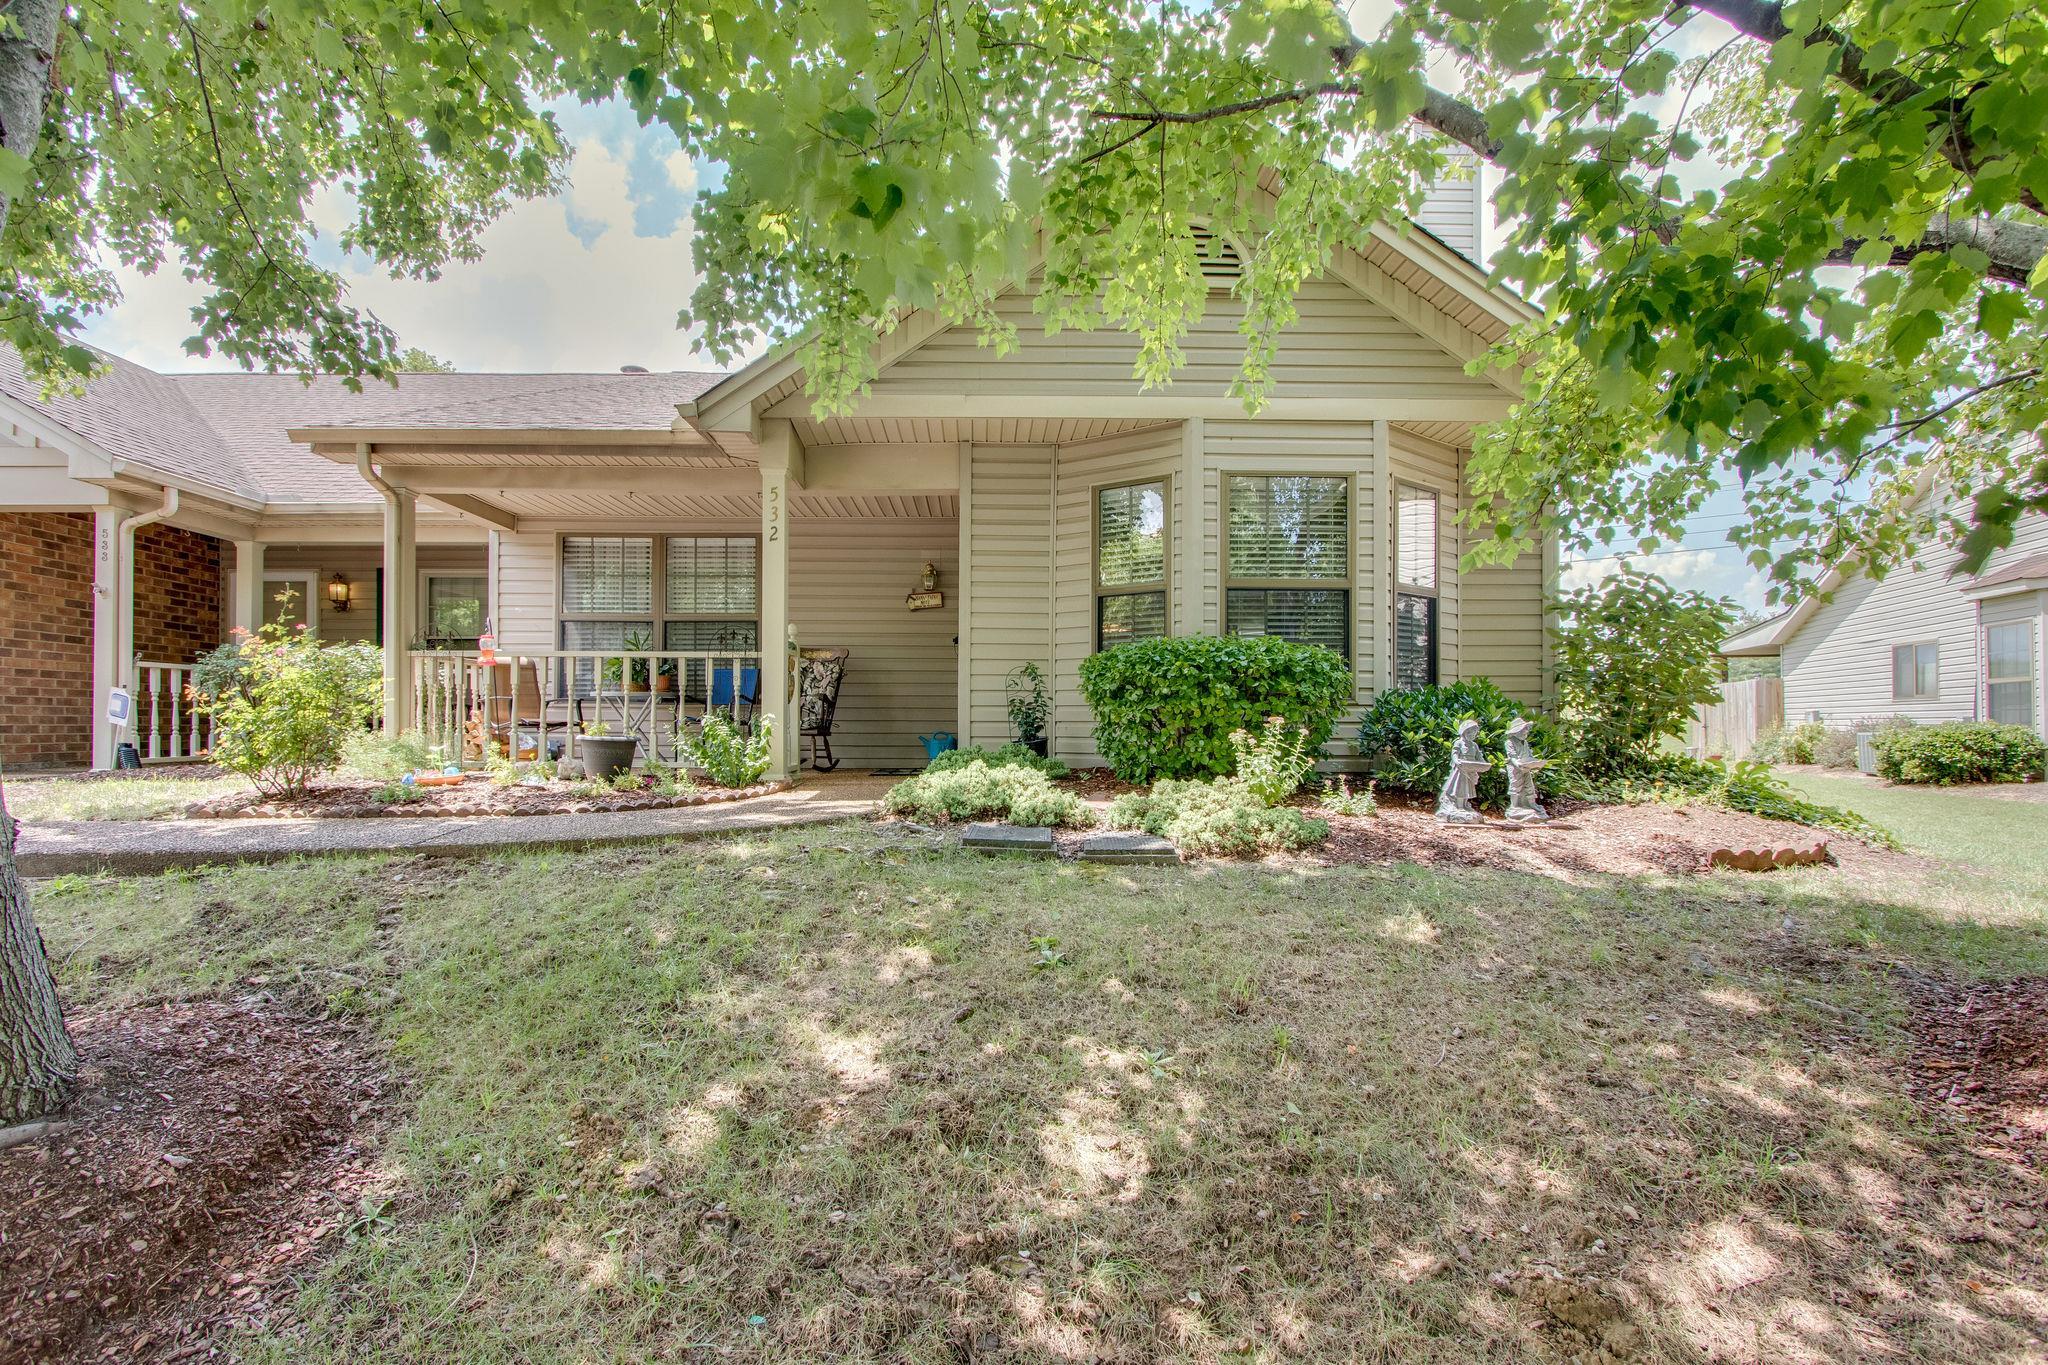 532 Upsall Dr, Antioch, TN 37013 - Antioch, TN real estate listing